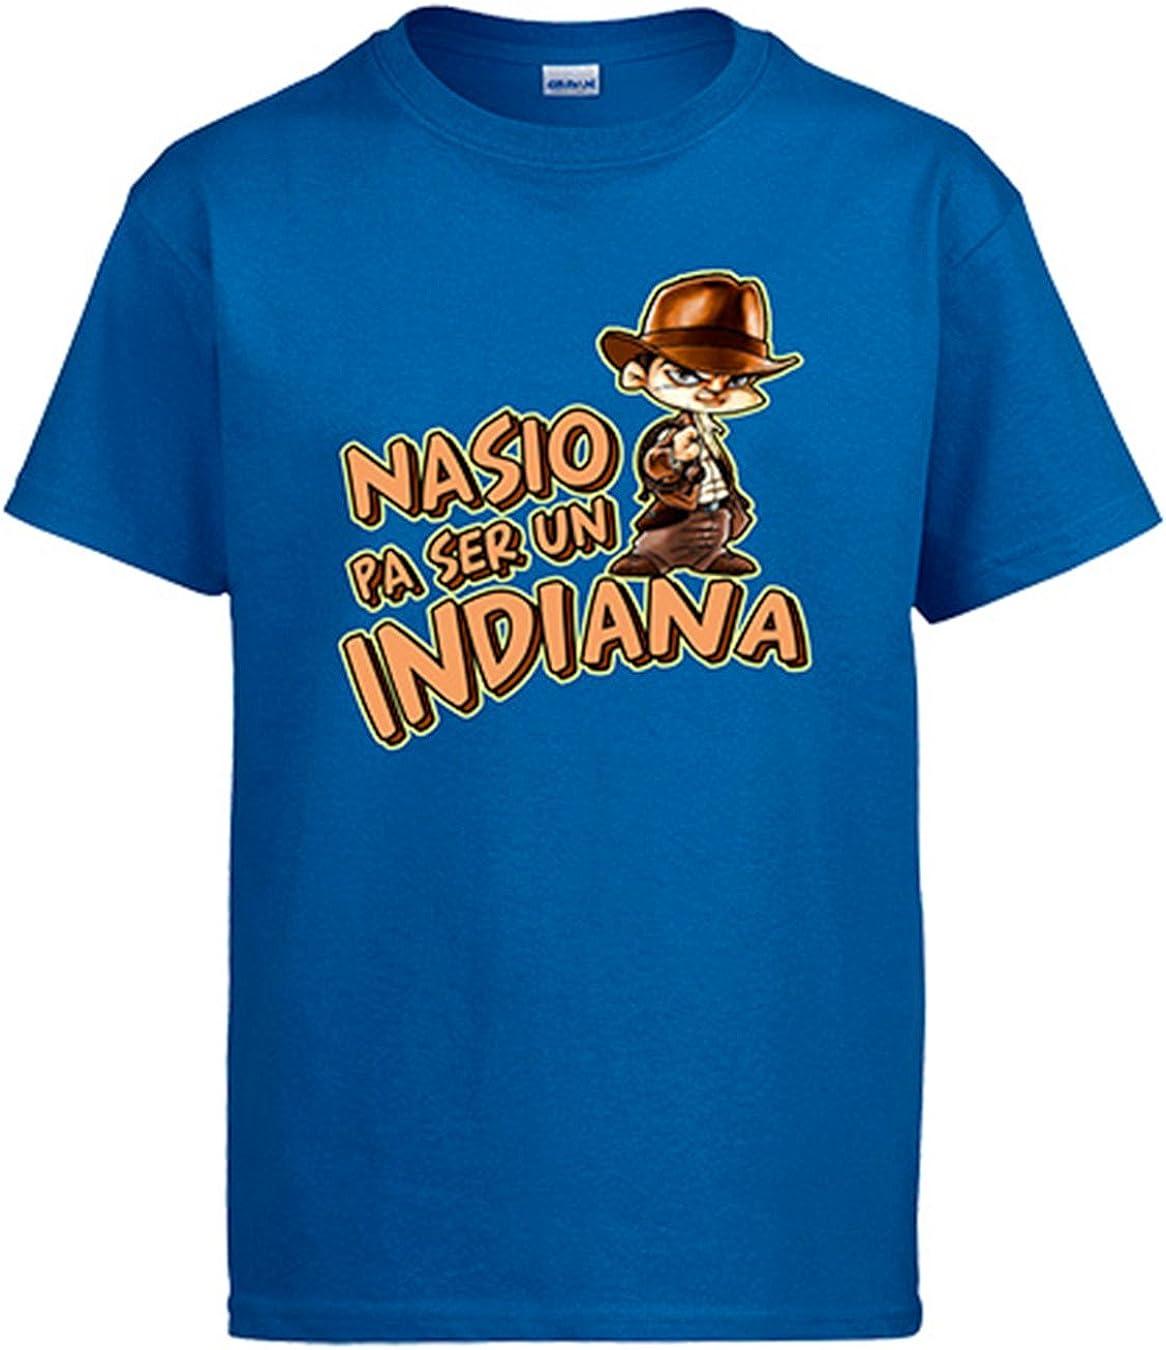 Diver Camisetas Camiseta Indiana Jones Nacido para ser un Indiana: Amazon.es: Ropa y accesorios